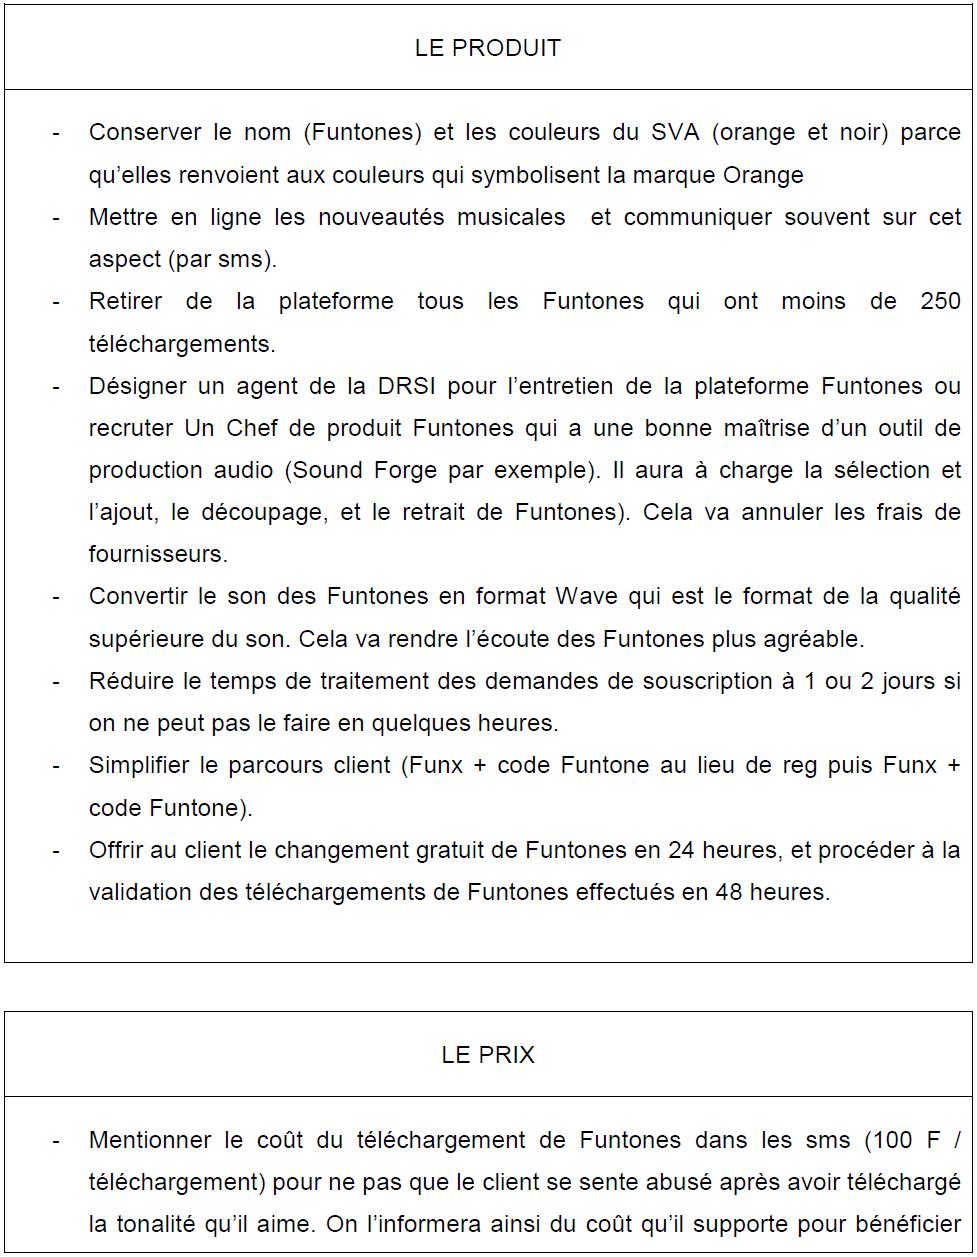 Tableau 22 Stratégie Marketing pour une vente efficiente de Funtones d'Orange Côte d'Ivoire